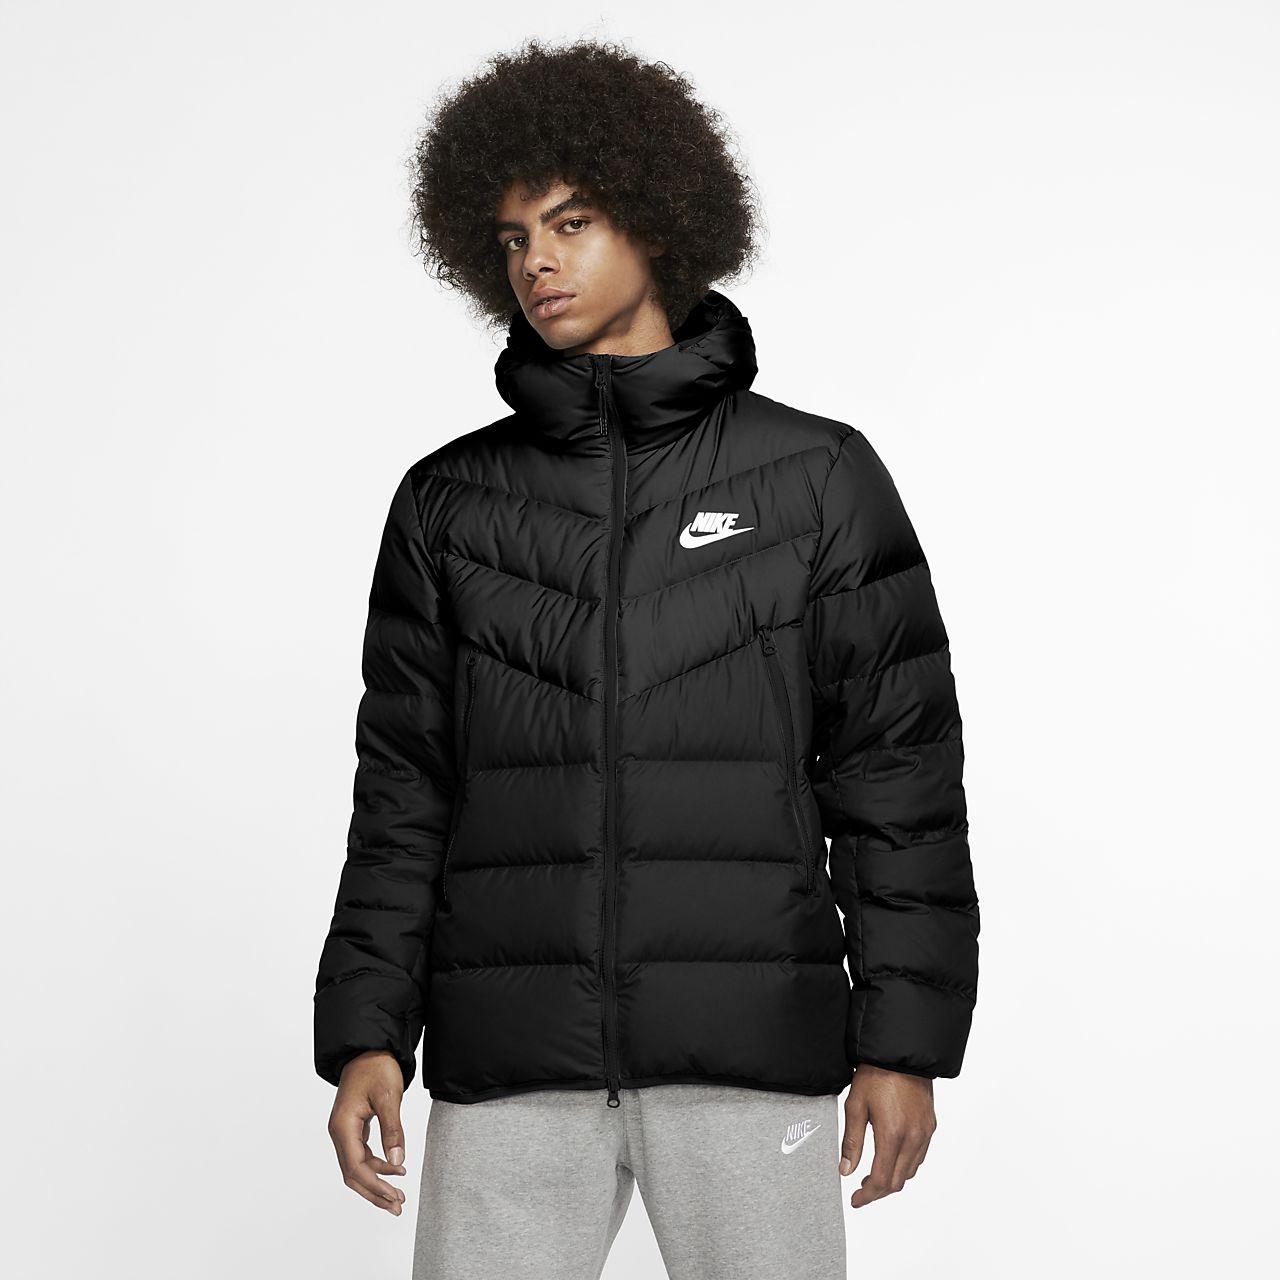 672cbaa73ffa5 ... Giacca con cappuccio in piumino Nike Sportswear Windrunner Down Fill -  Uomo